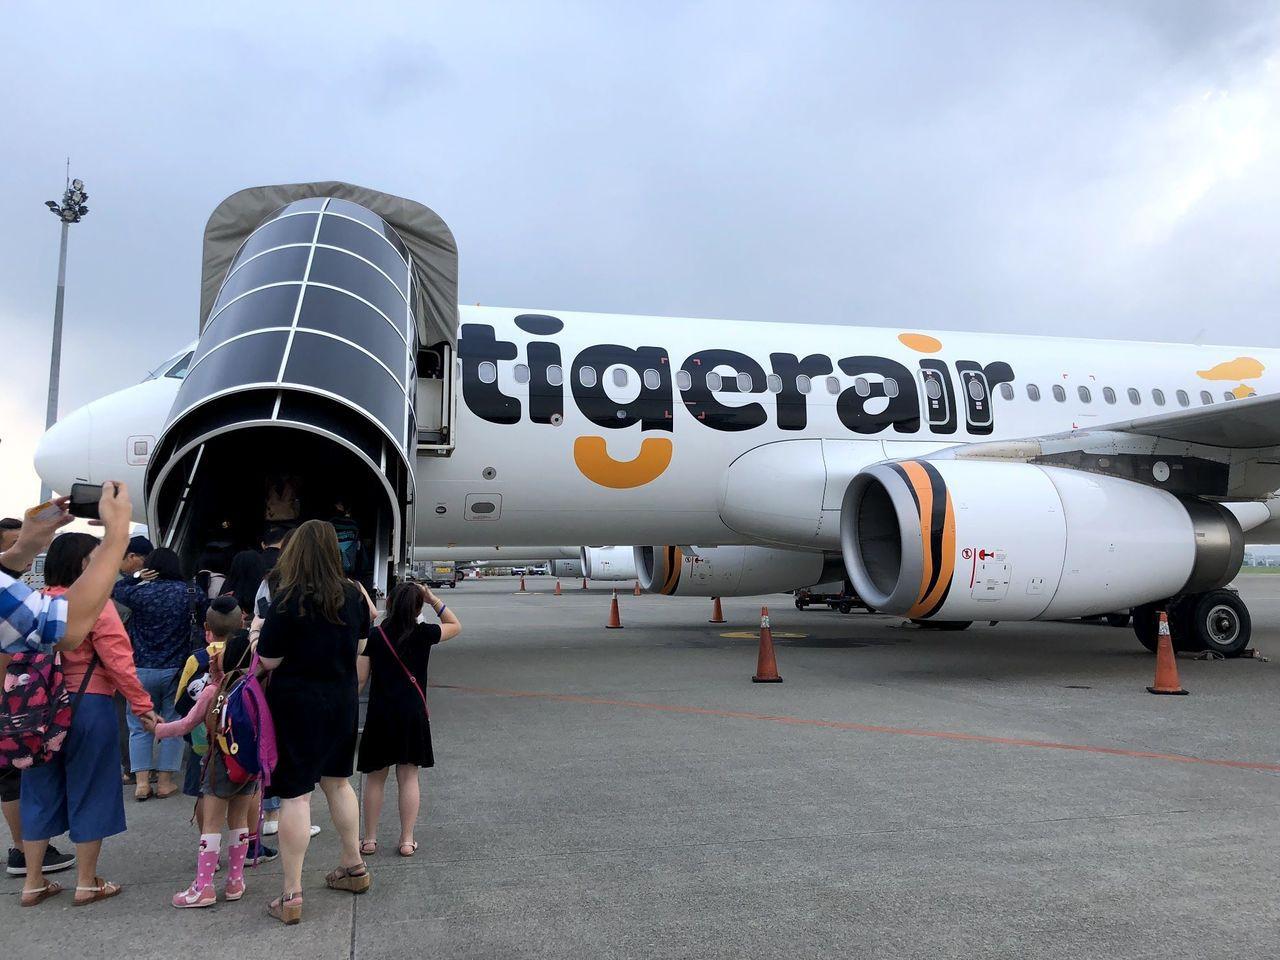 台灣虎航16日要正式登錄興櫃,有網友好奇為何傳統航空獲利不如這些廉航。圖/聯合報...